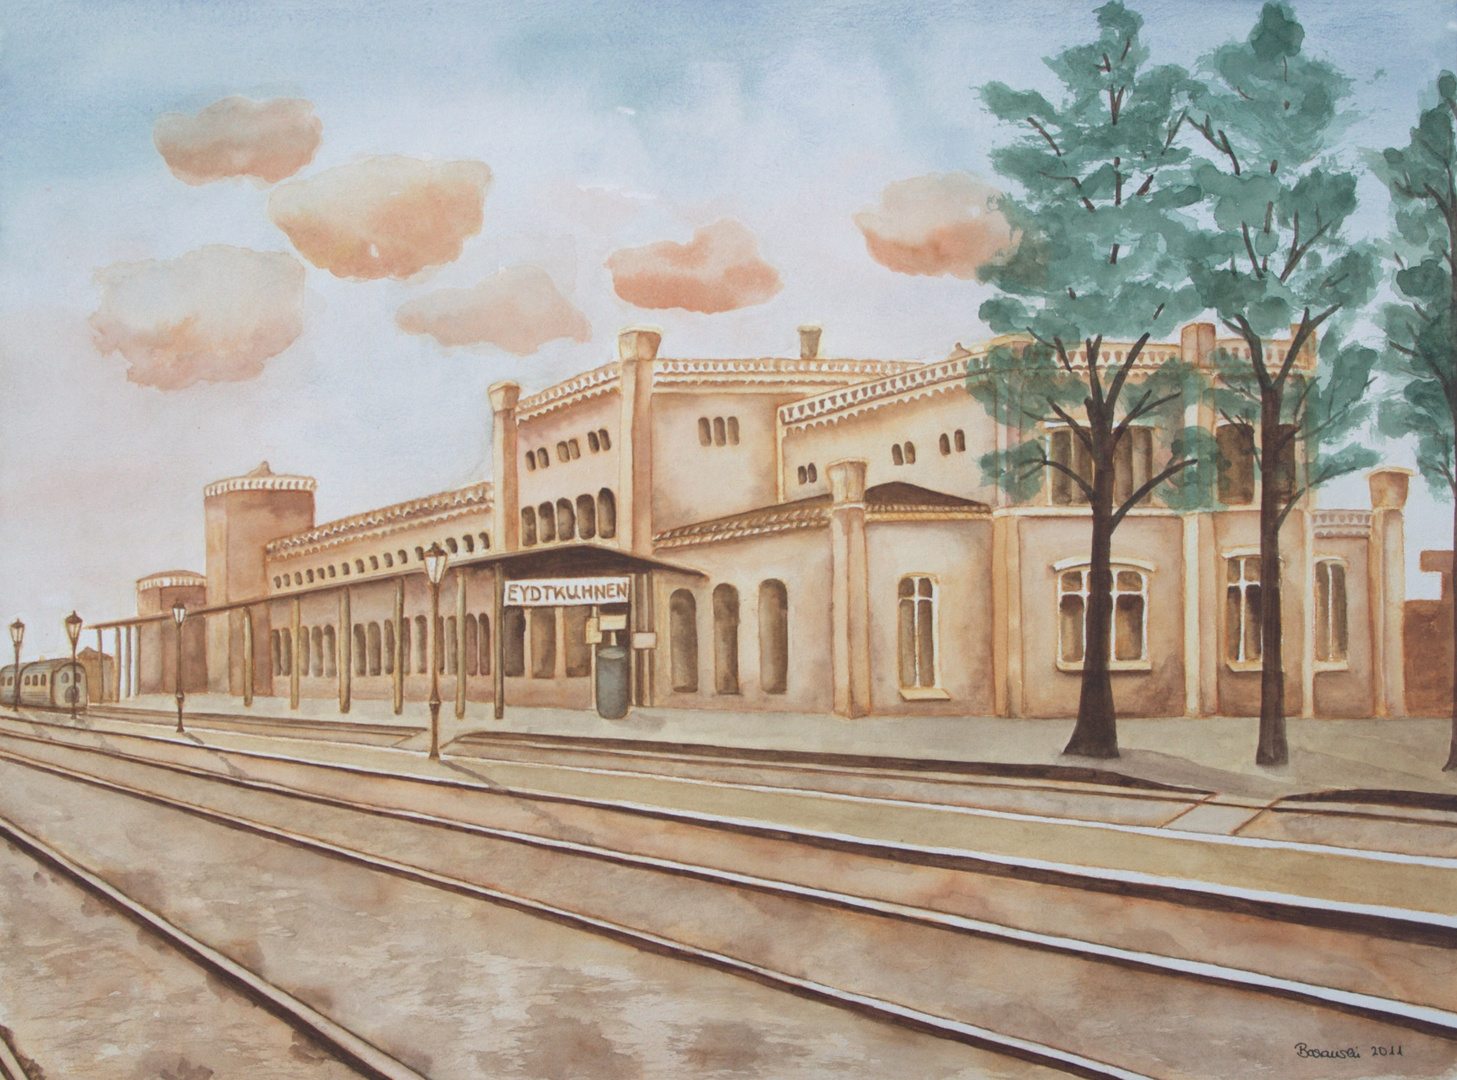 Bahnhof Eydtkuhnen